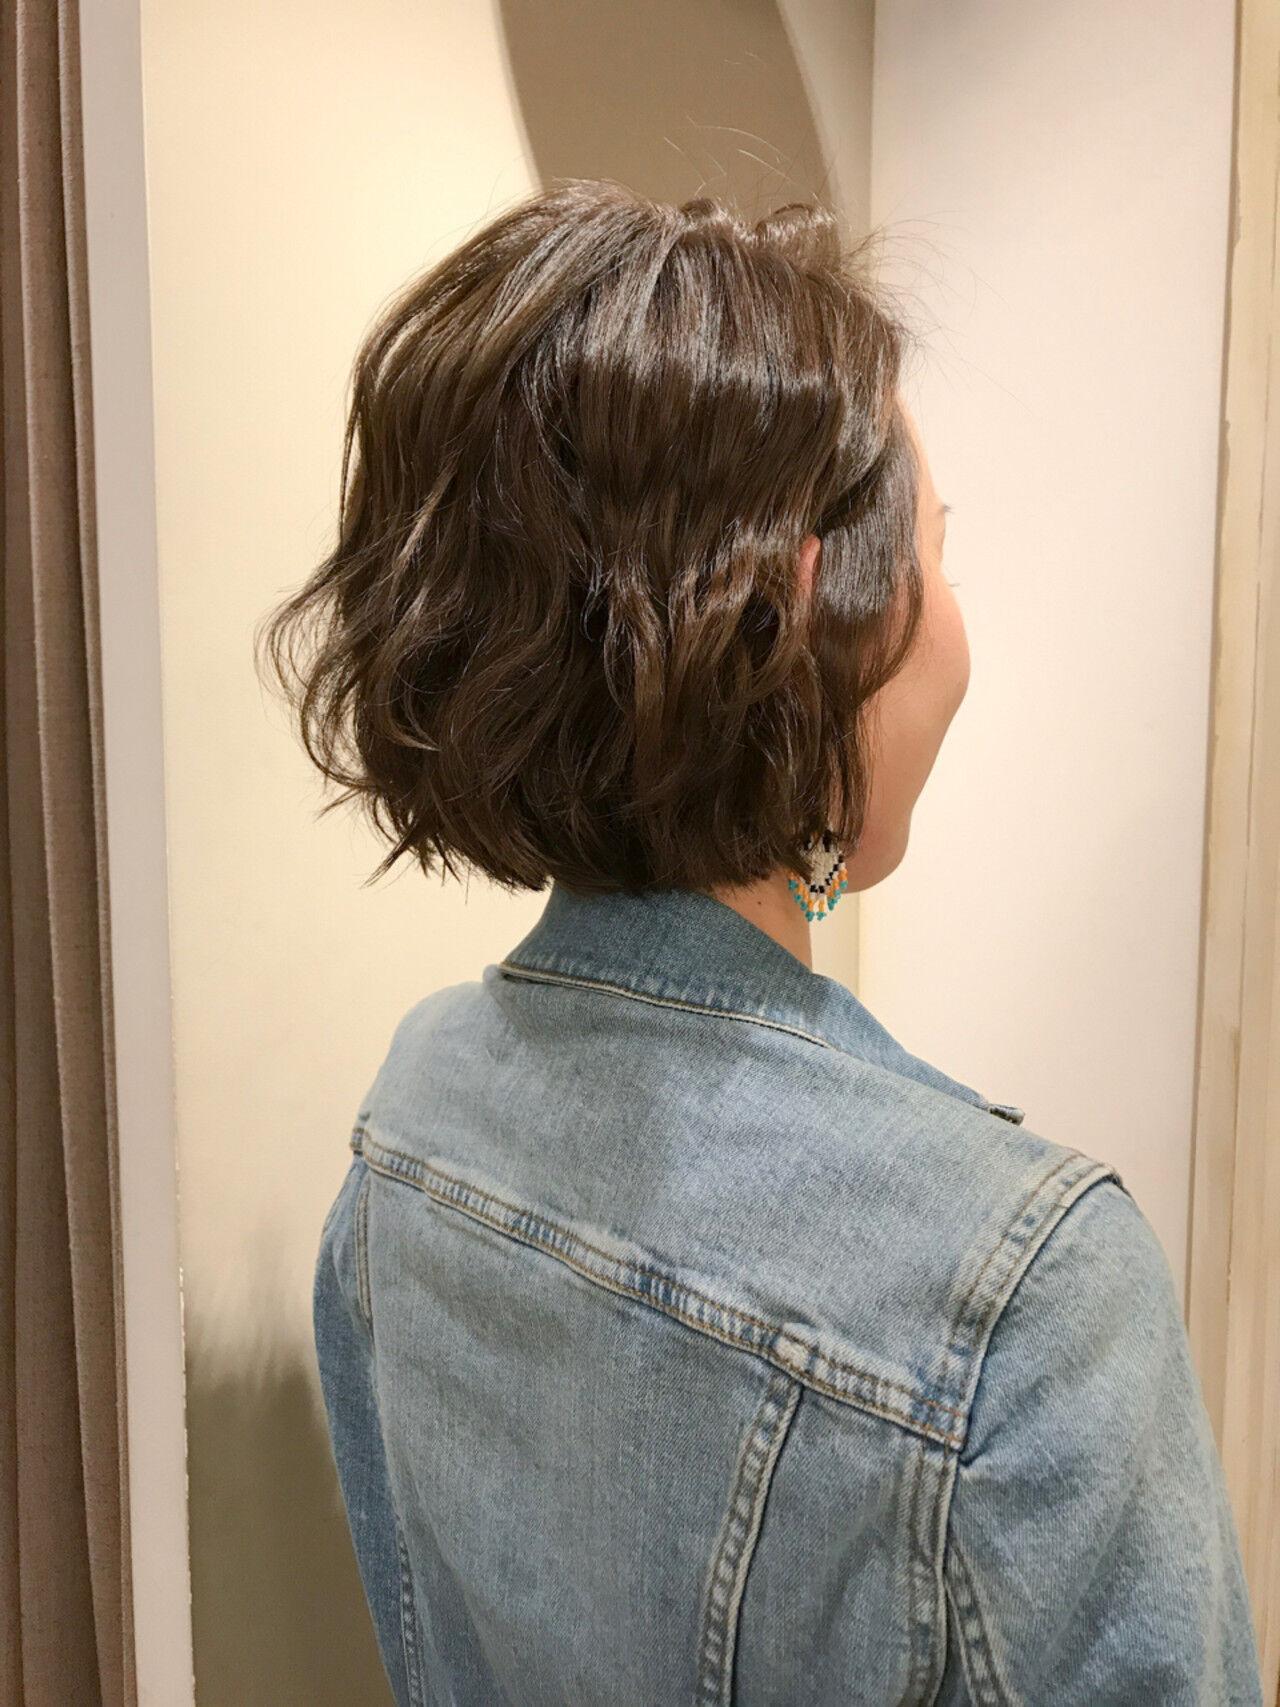 切りっぱなし 簡単ヘアアレンジ ボブ カーキアッシュヘアスタイルや髪型の写真・画像